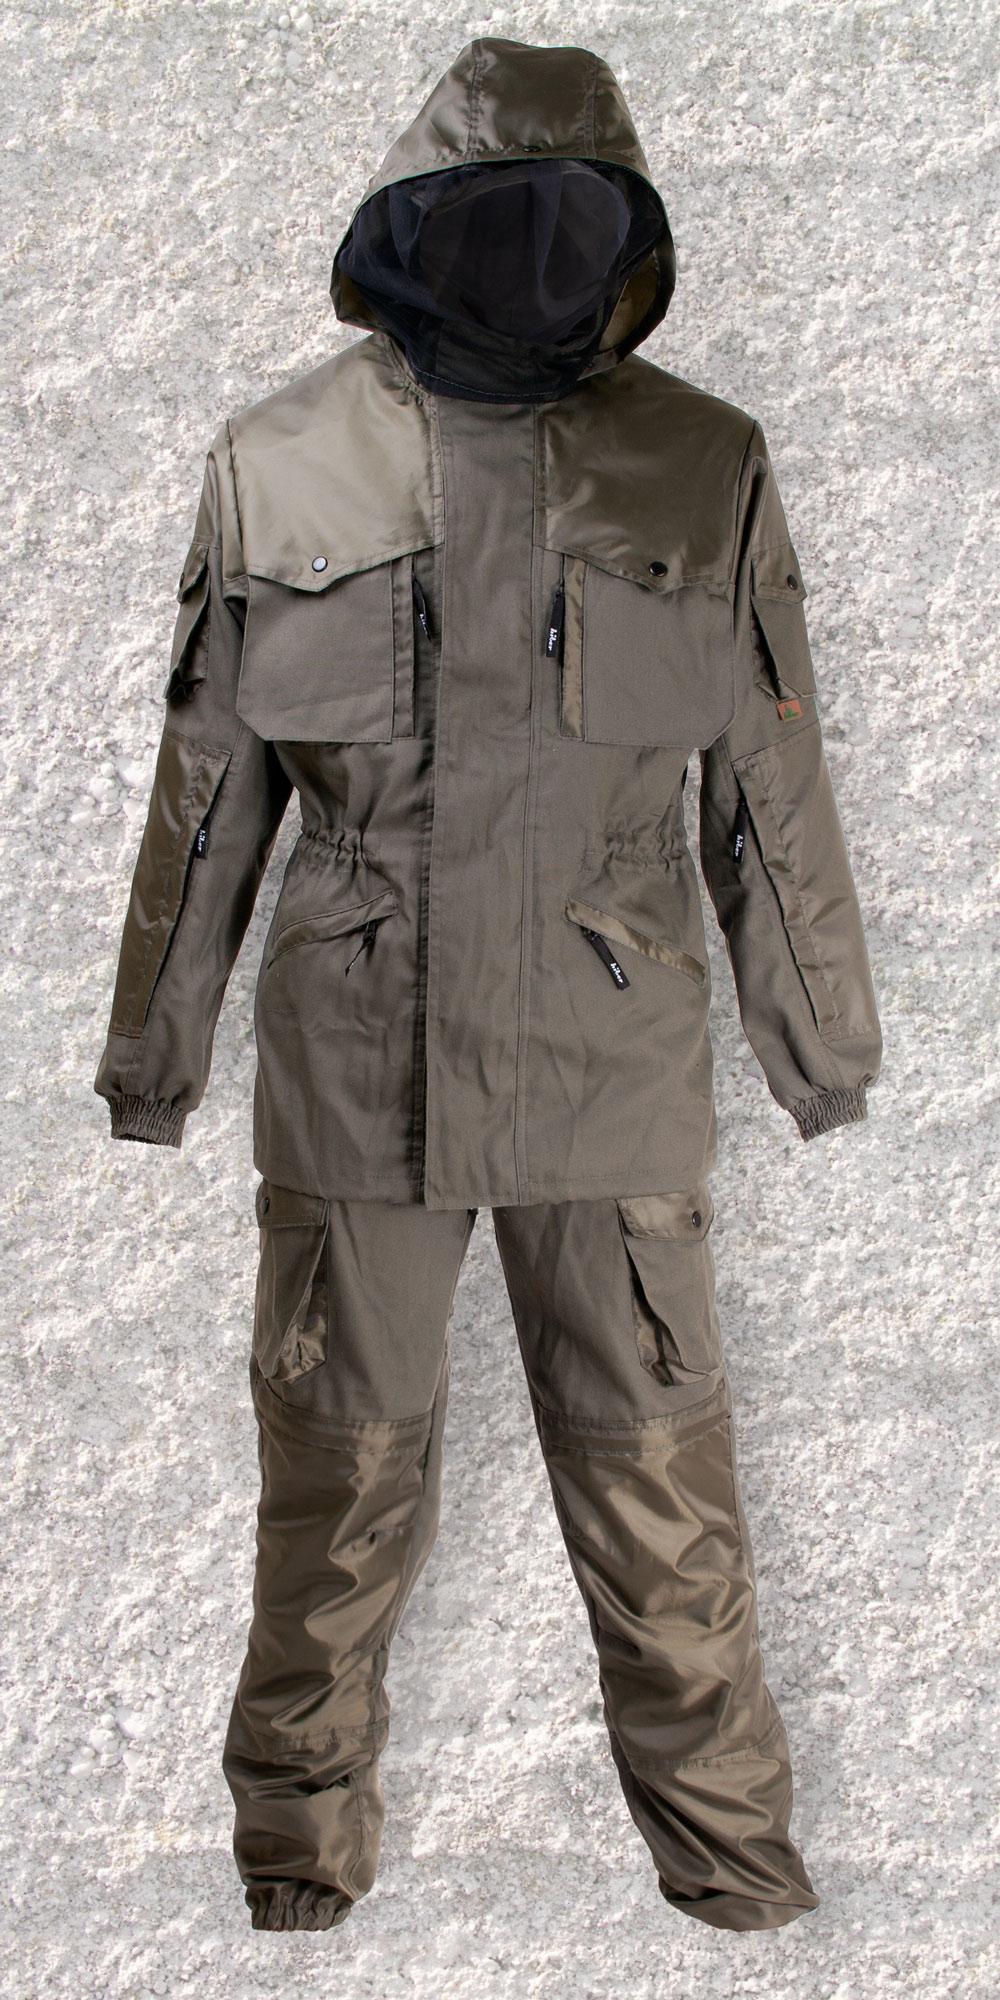 ca6f5b8756999c Летняя одежда для охоты и рыбалки, костюмы, куртки, штаны, цены ...